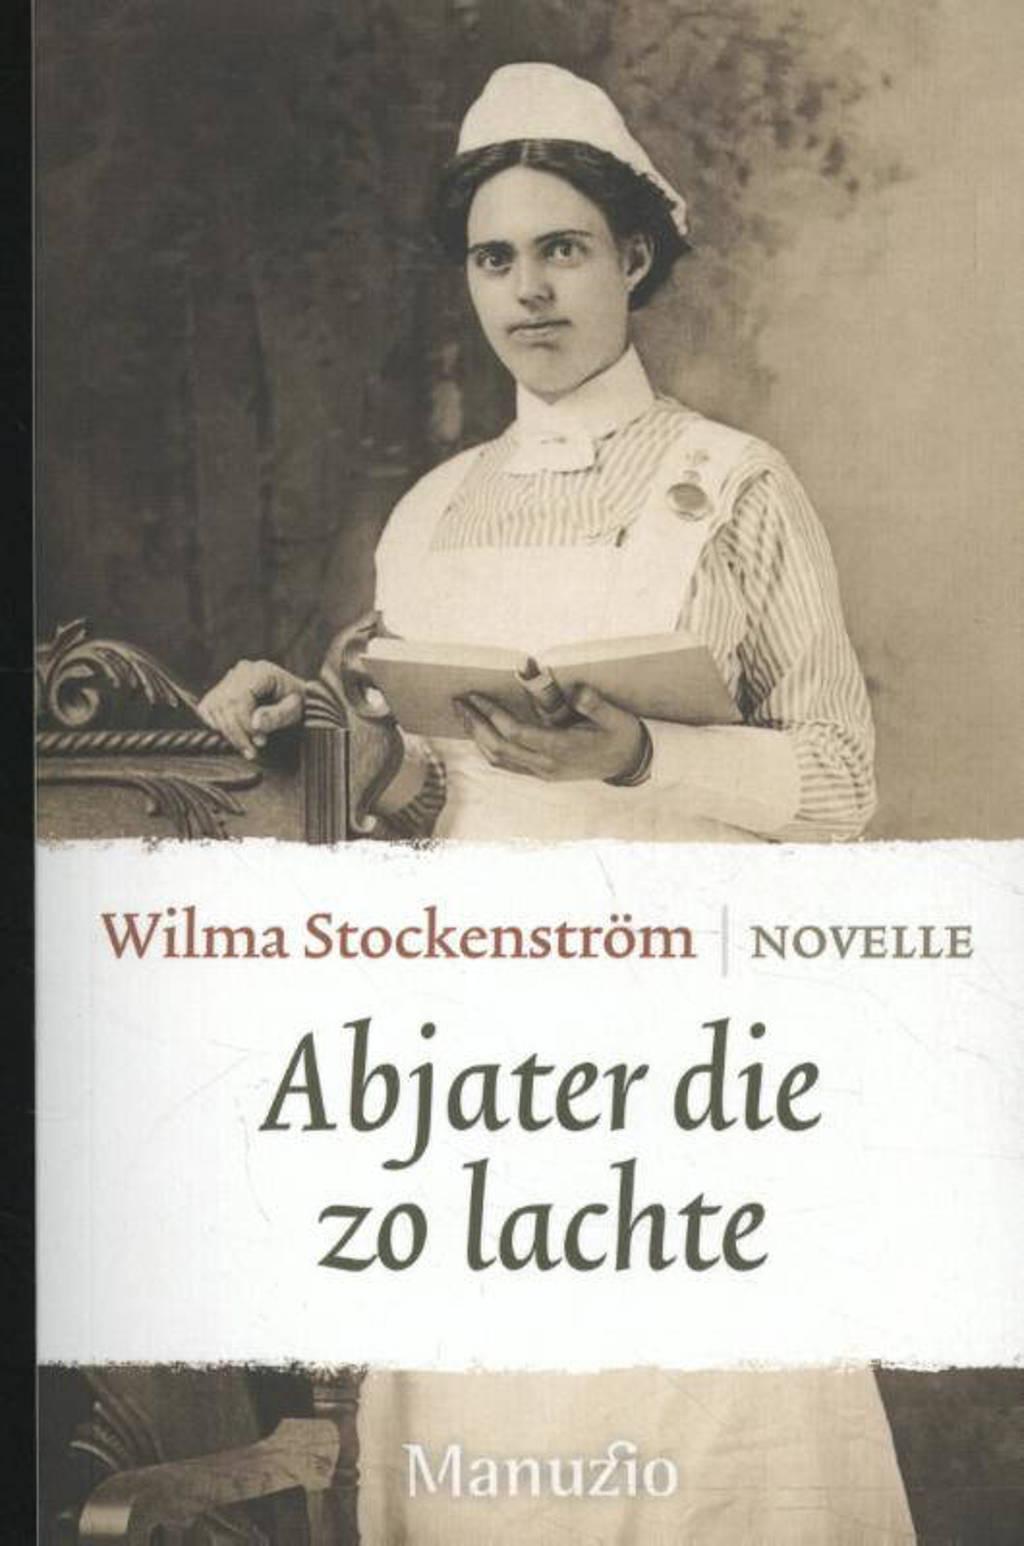 Abjater die zo lachte - Wilma Stockenström